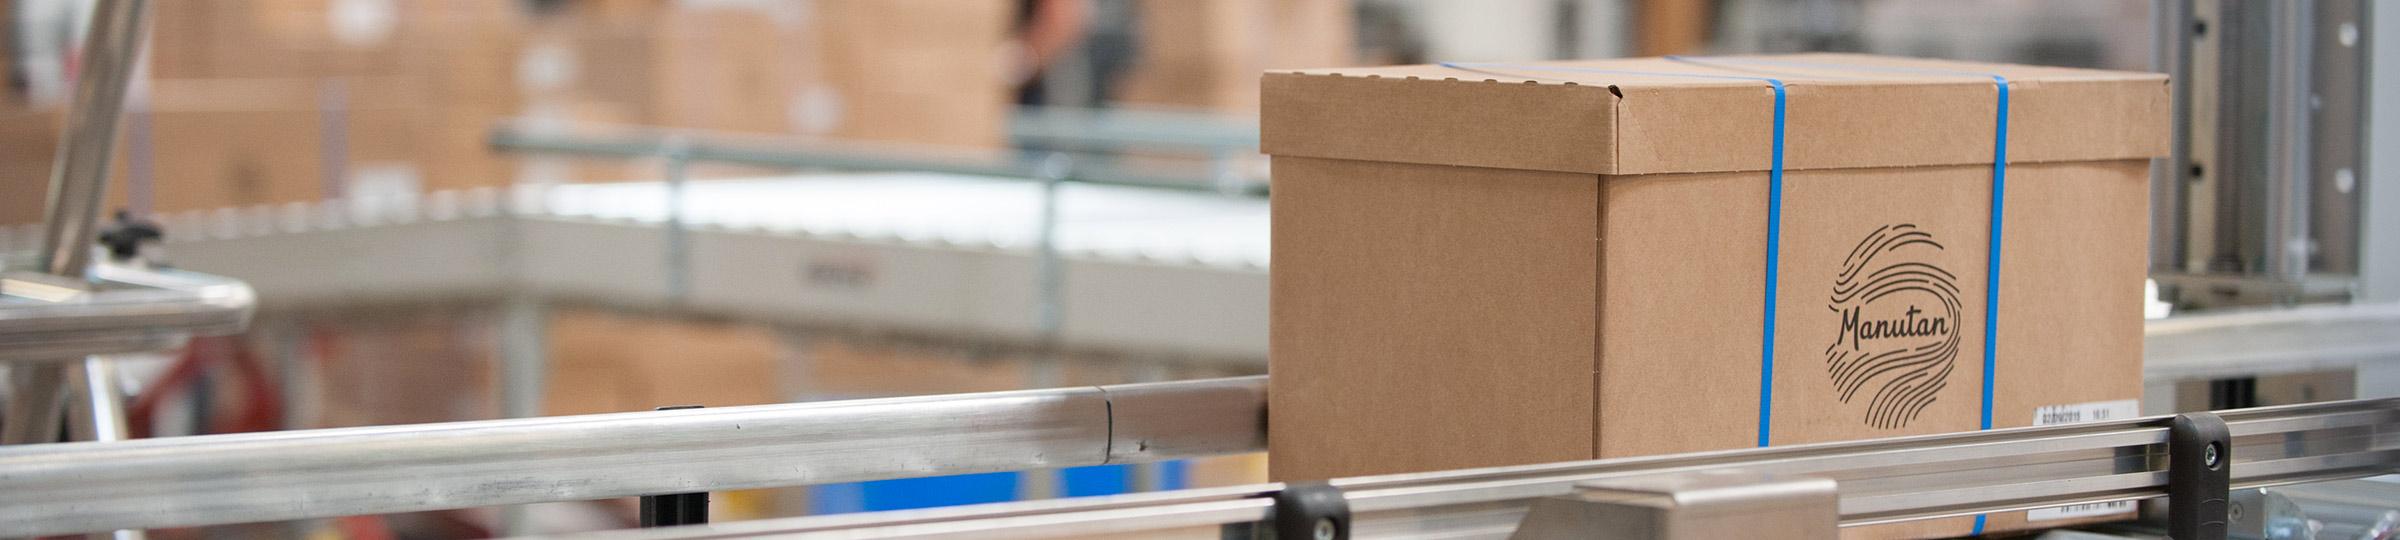 Verpackung und Behälter